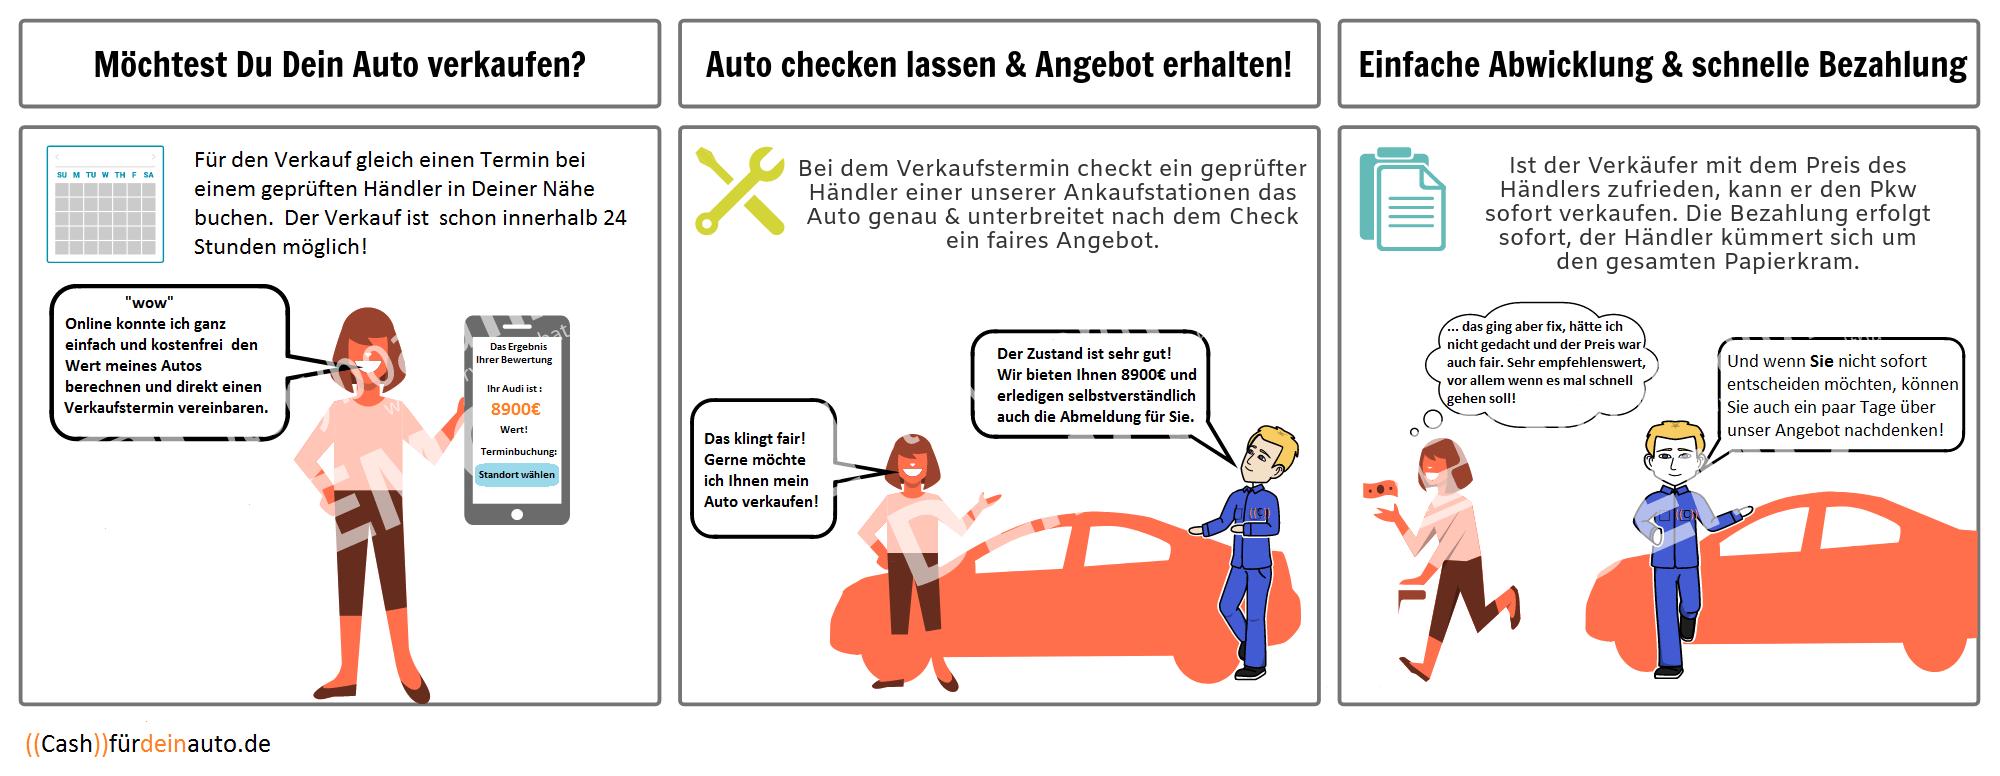 wir-kaufen-dein-auto-Hilden-Heiligenhaus-Solingen-Neuss-Erkrath-Wuppertal-Haan-Duesseldorf-NRW-ablauf-des-autoverkaufs-mit-unterstuetzung-von-cashfurdeinauto-de-